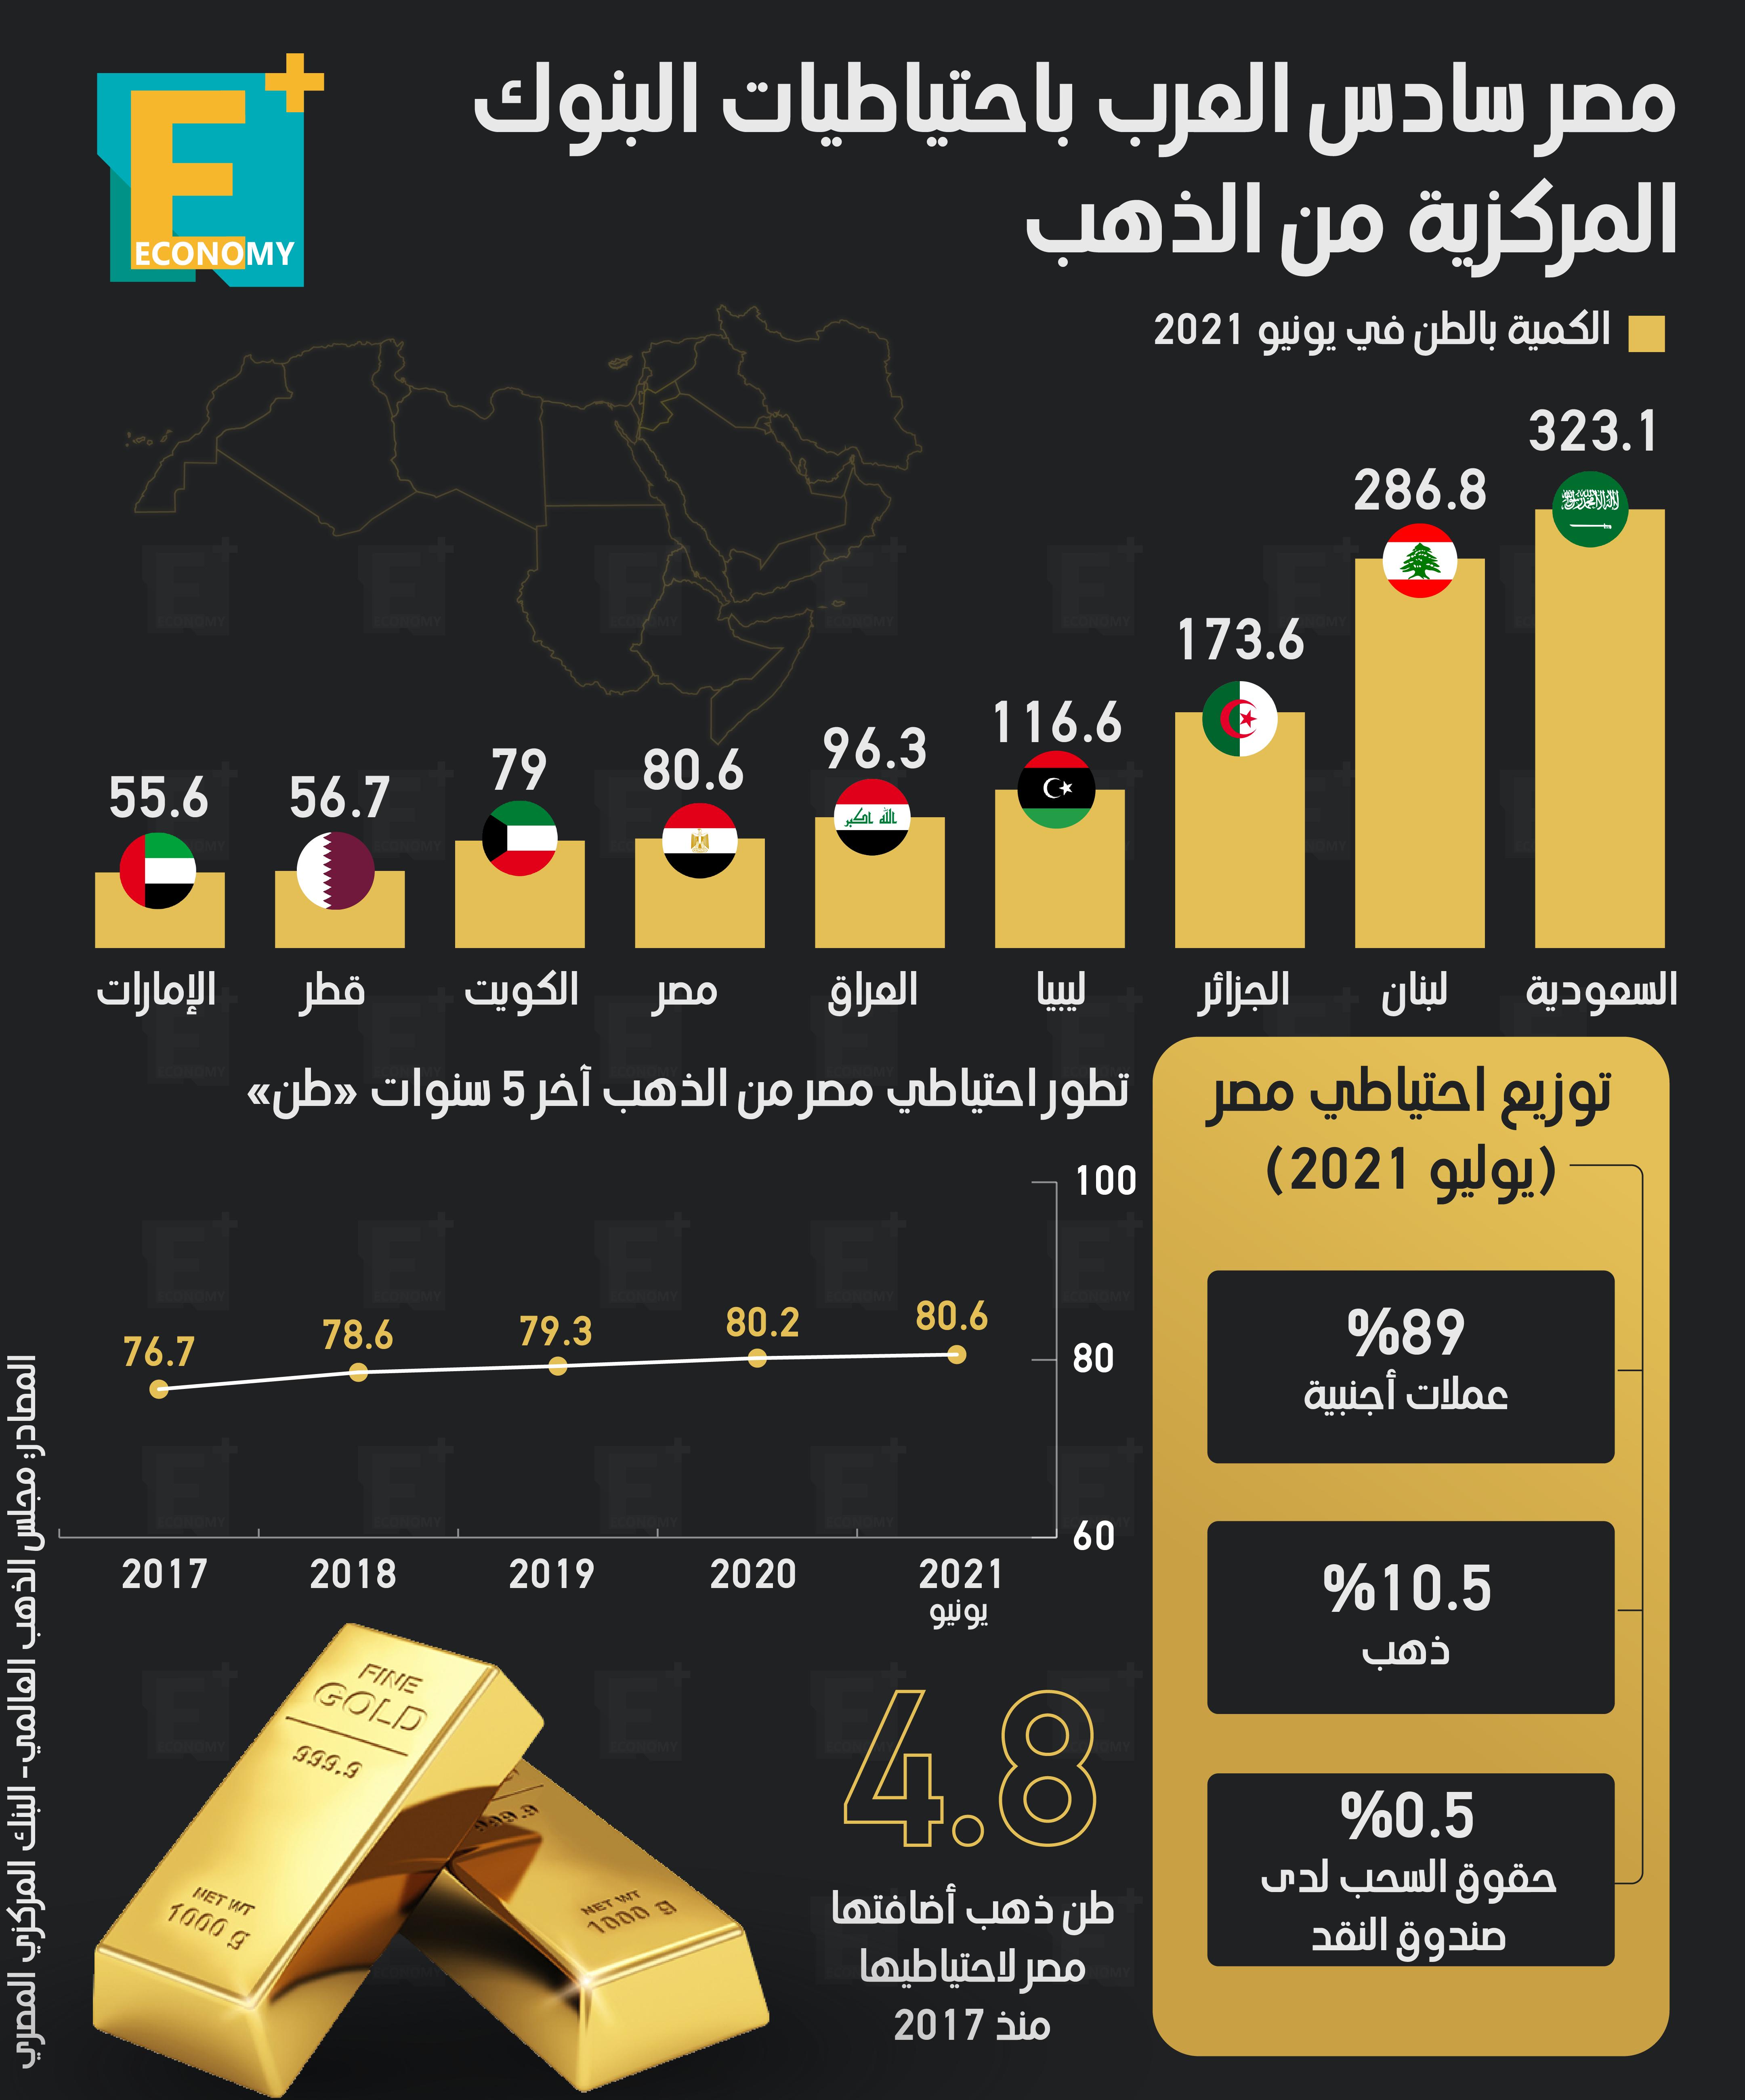 جاءت مصر في المركز السادس بين الدول العربية باحتياطيات البنوك المركزية من الذهب